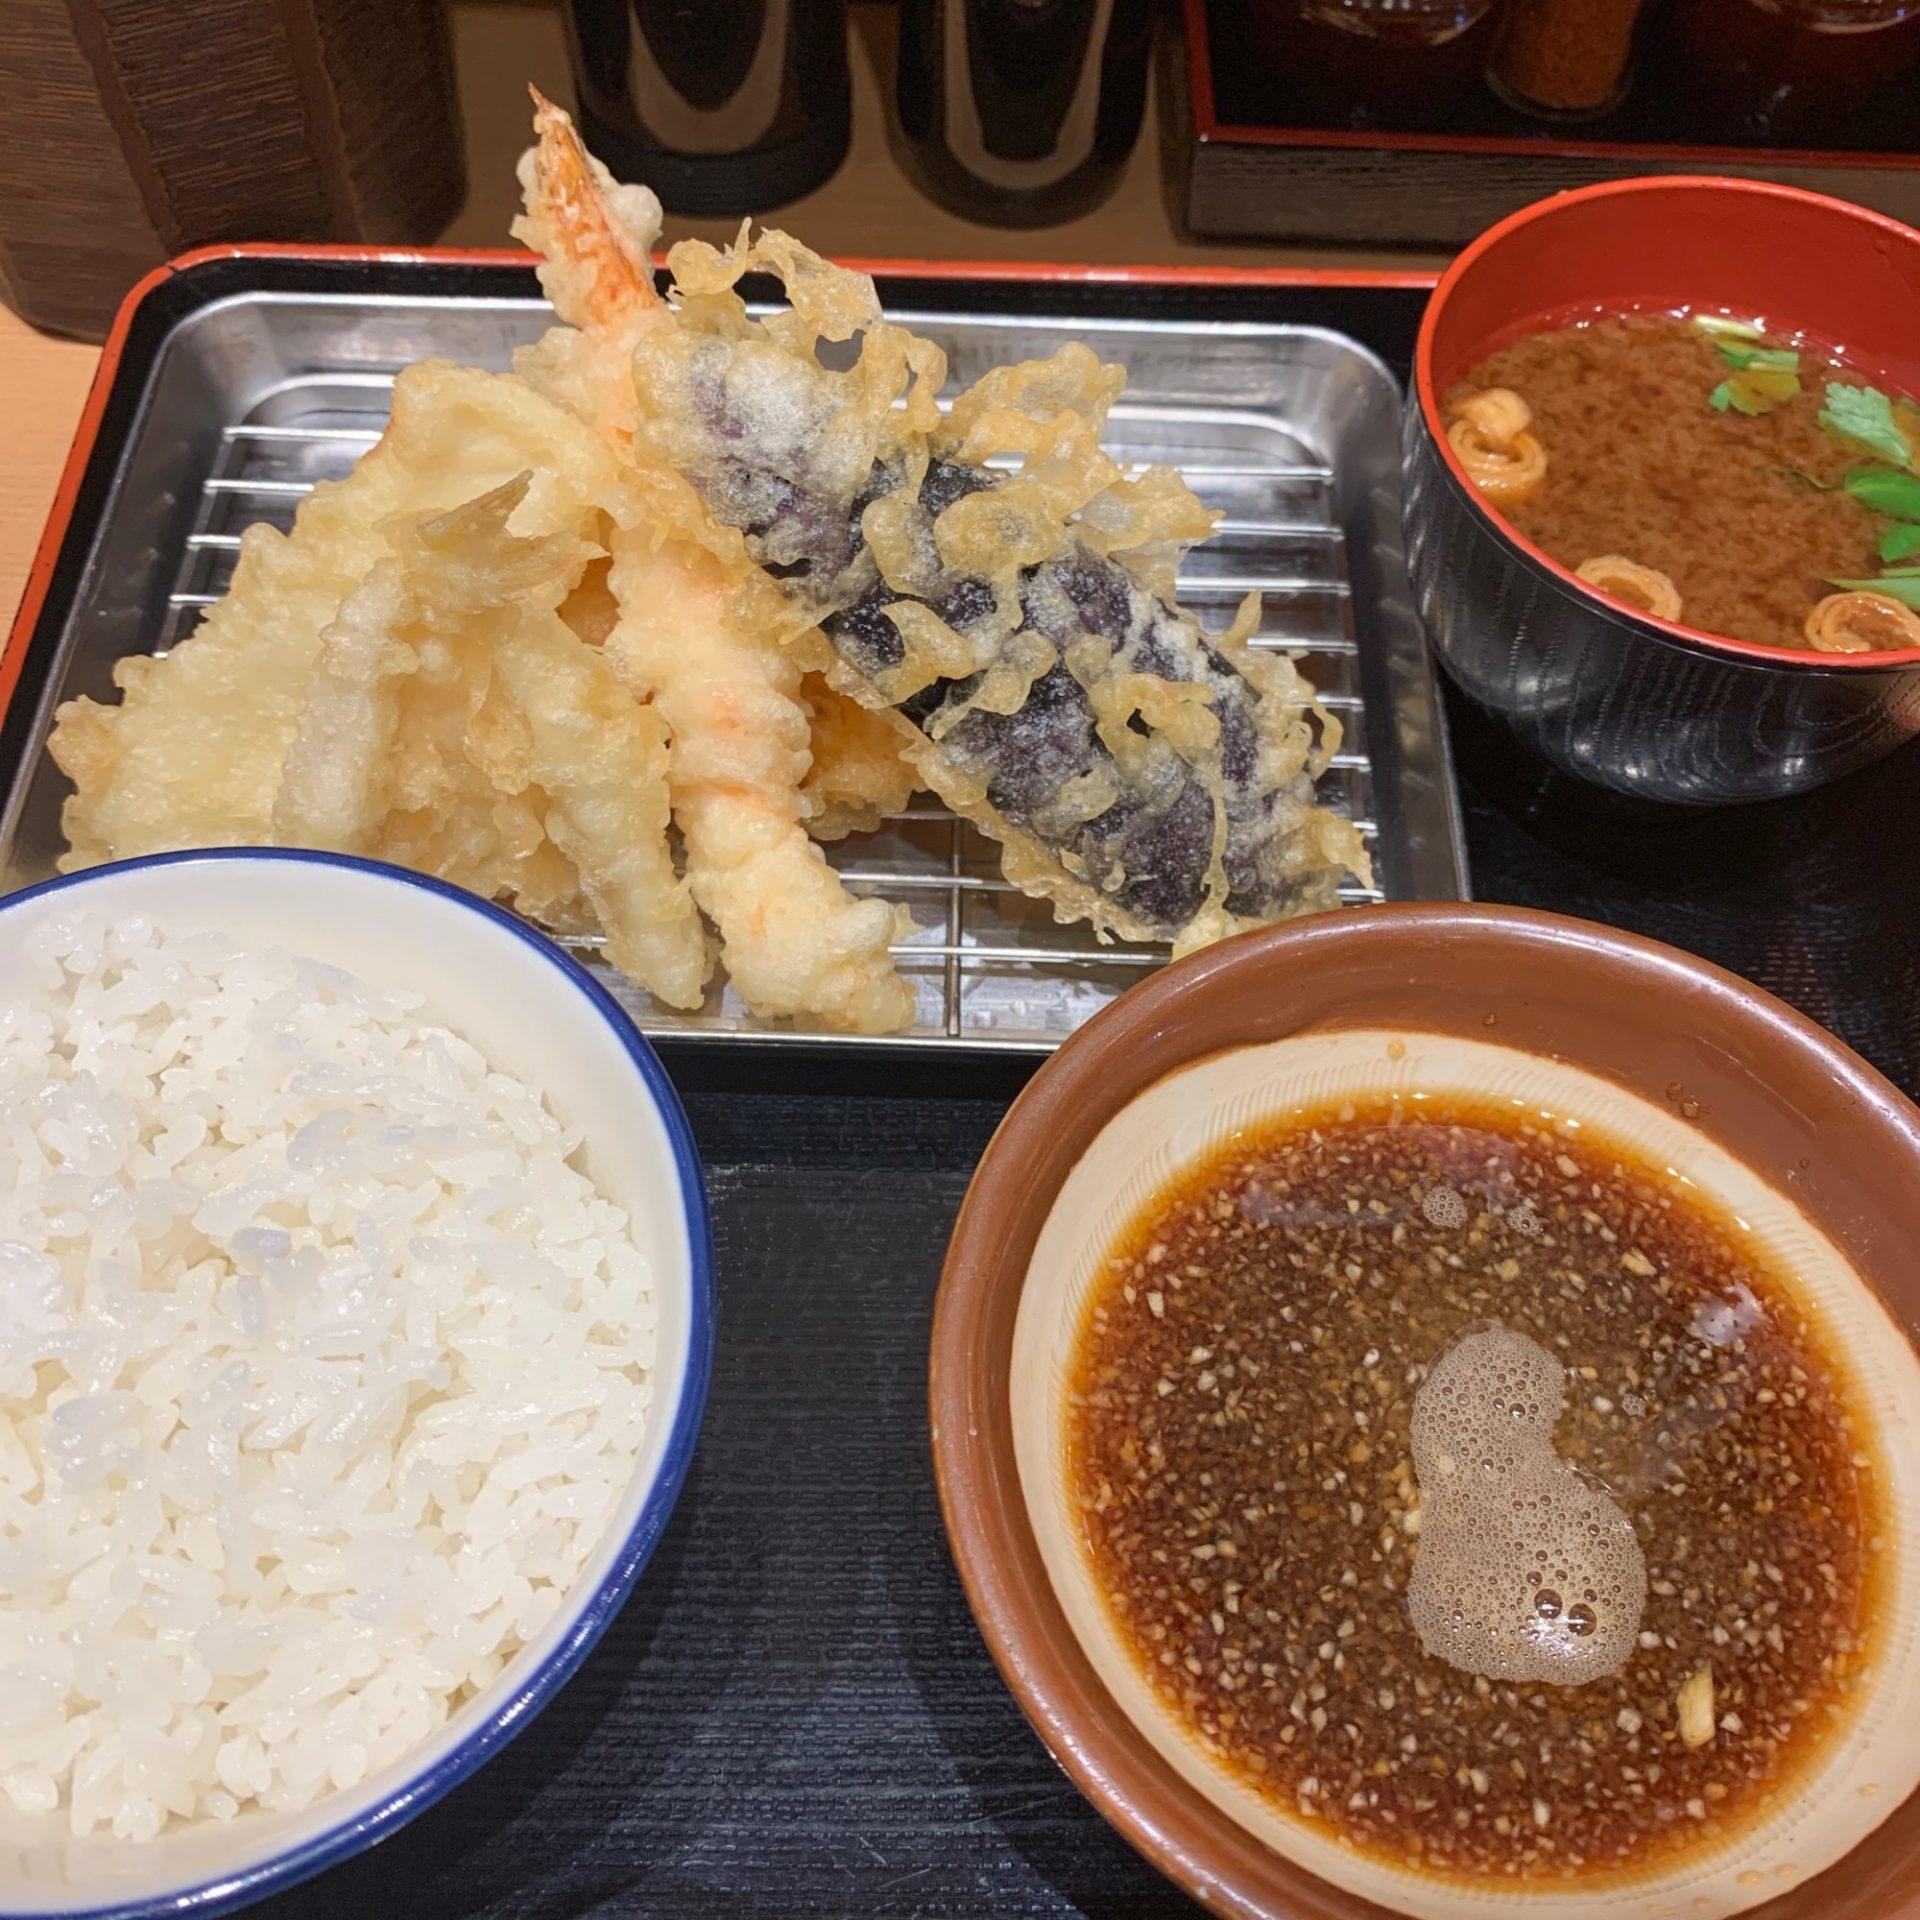 雨が降る日は、天ぷら食べて気分もカラッと上機嫌で行きたいですね。